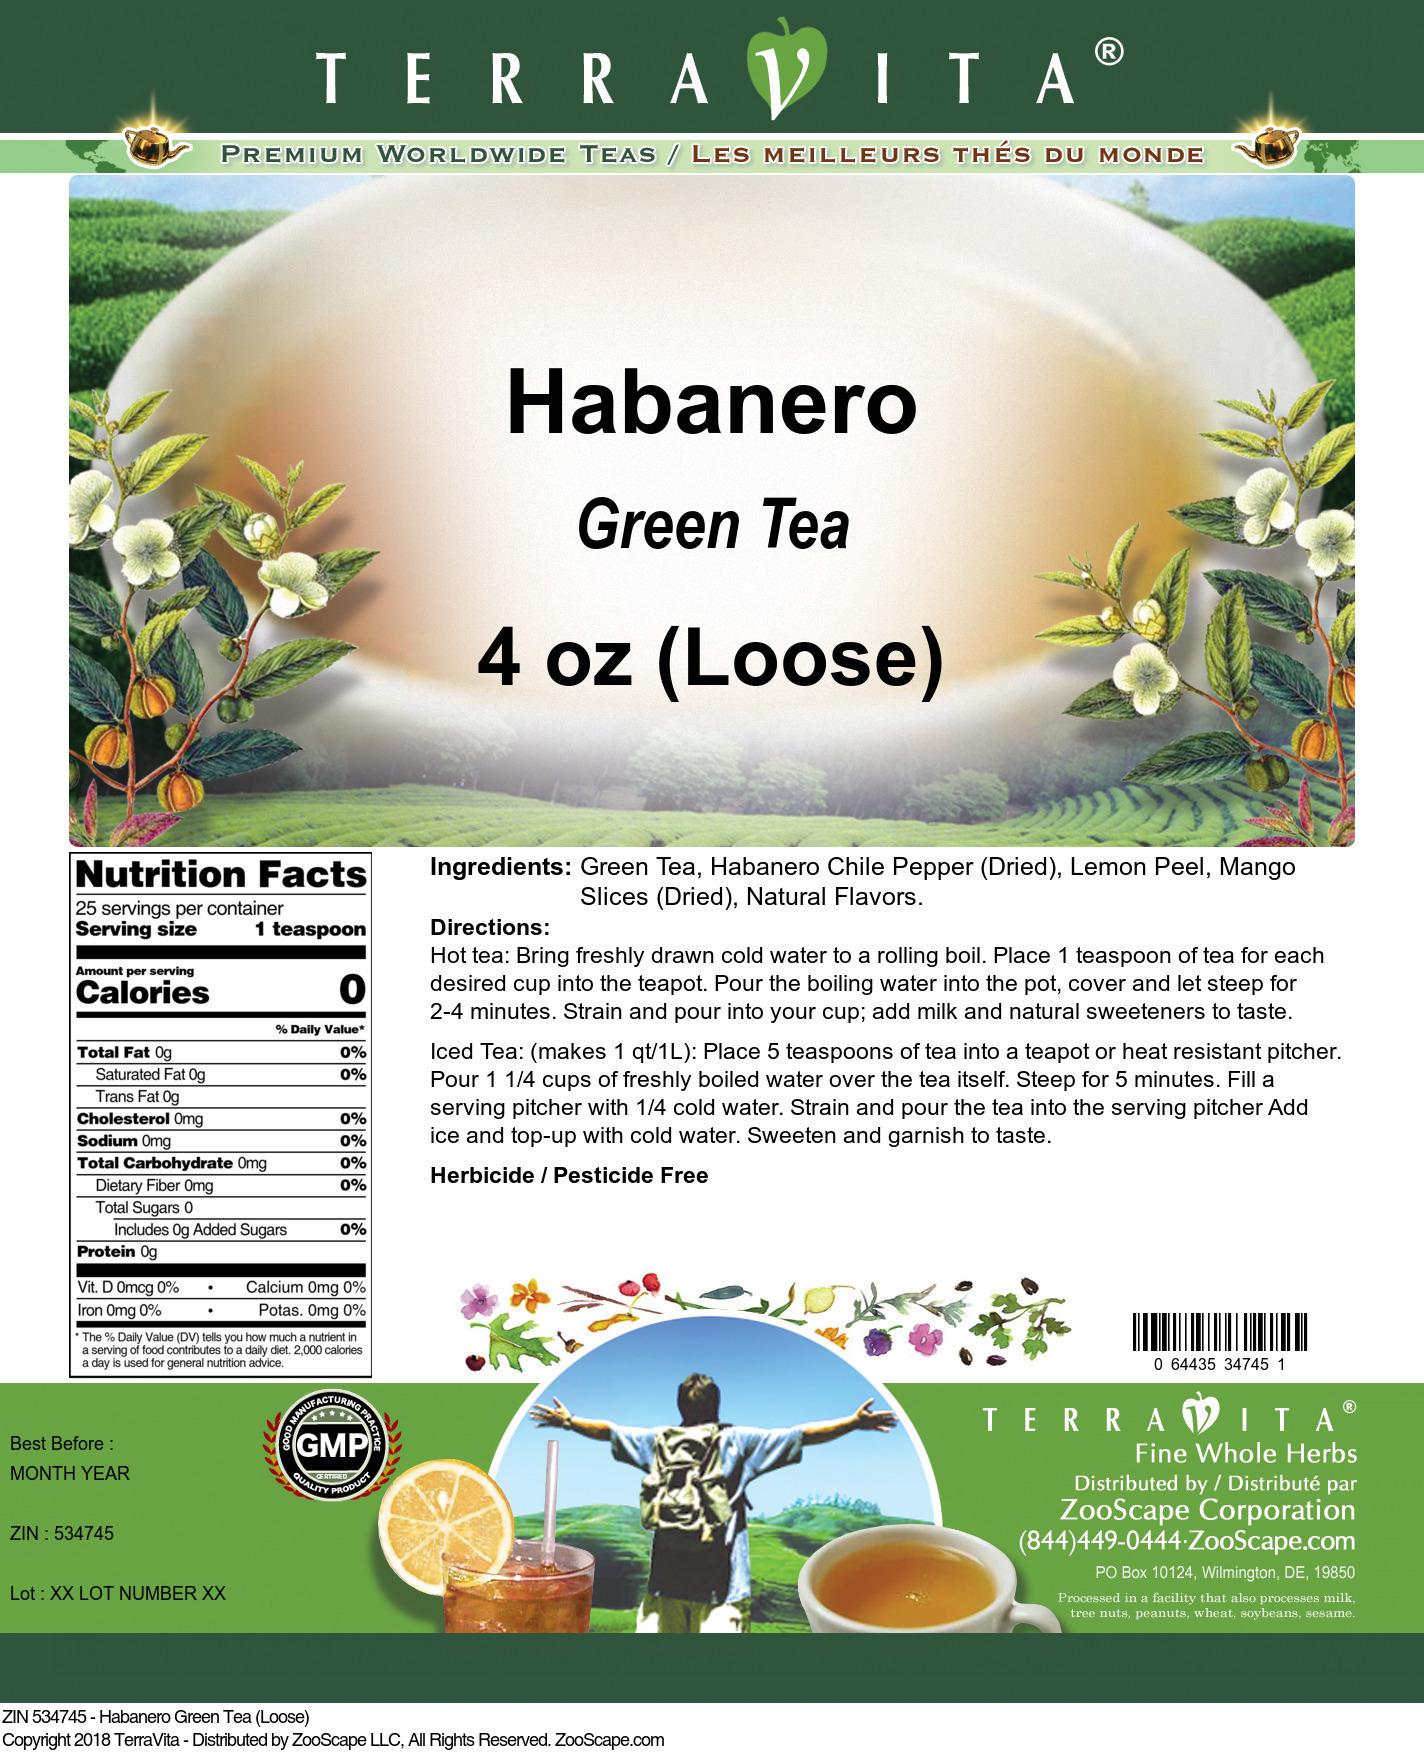 Habanero Green Tea